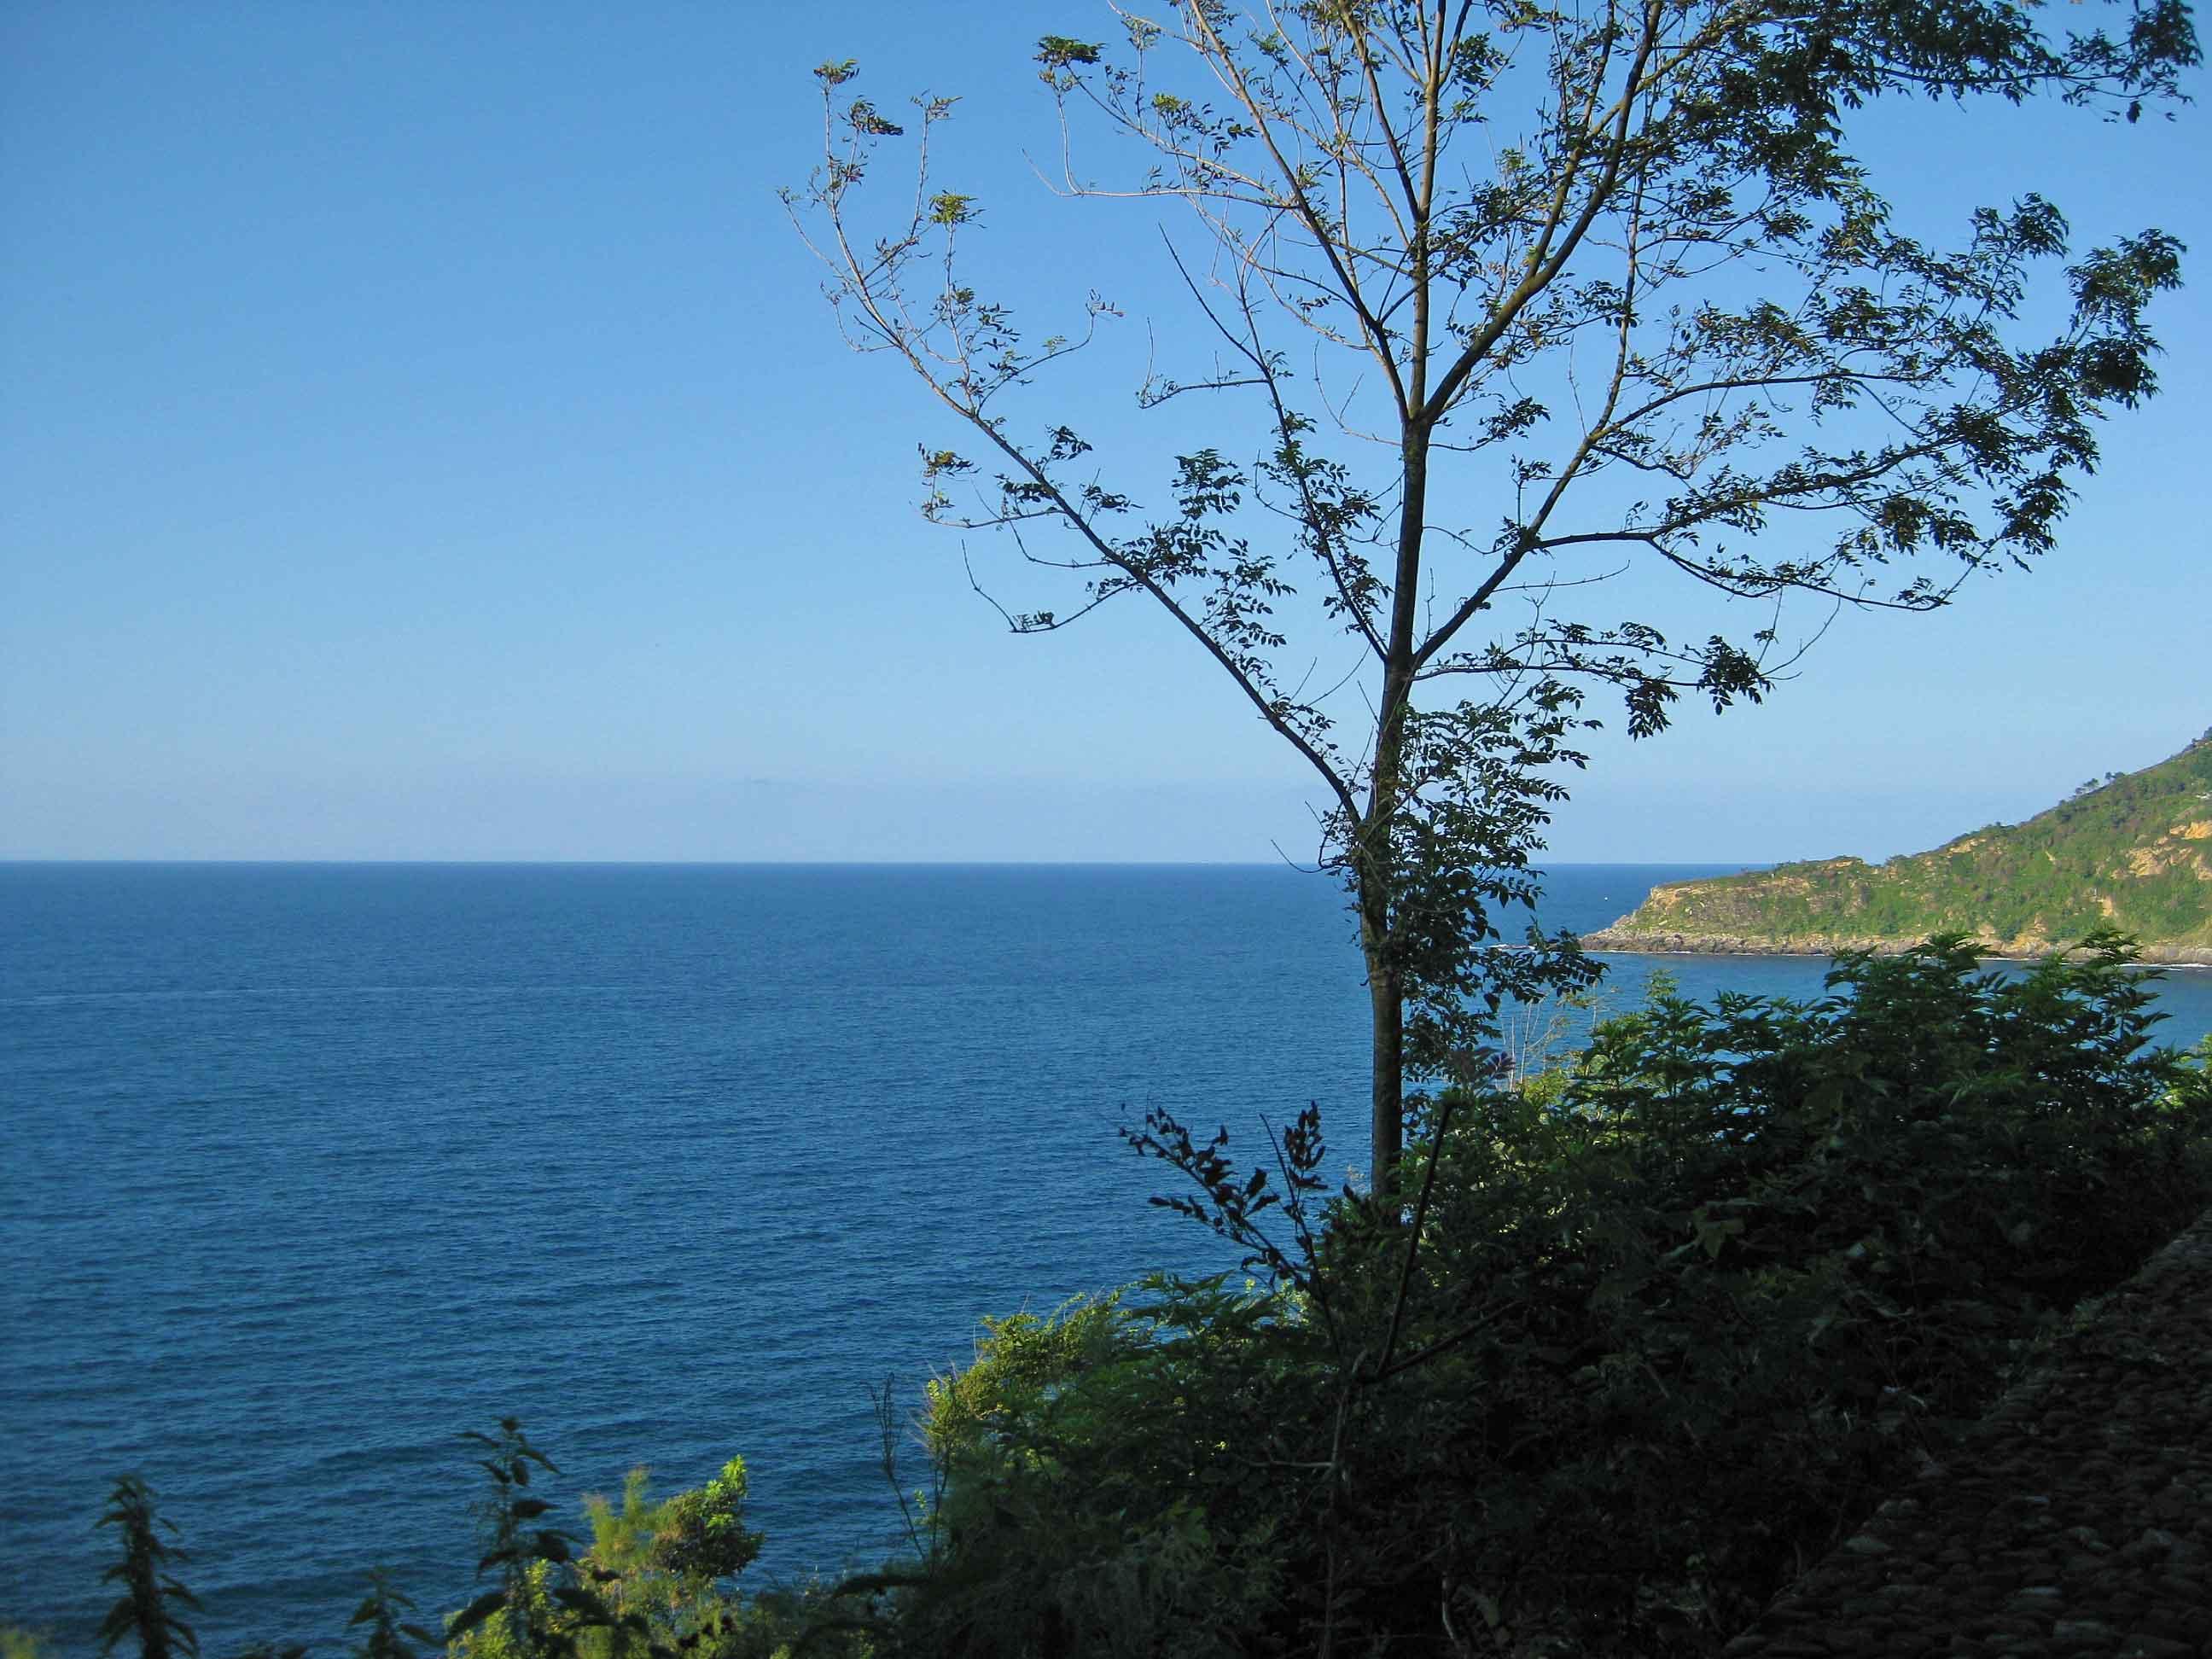 view beach ocean monte urgull san sebastian spain